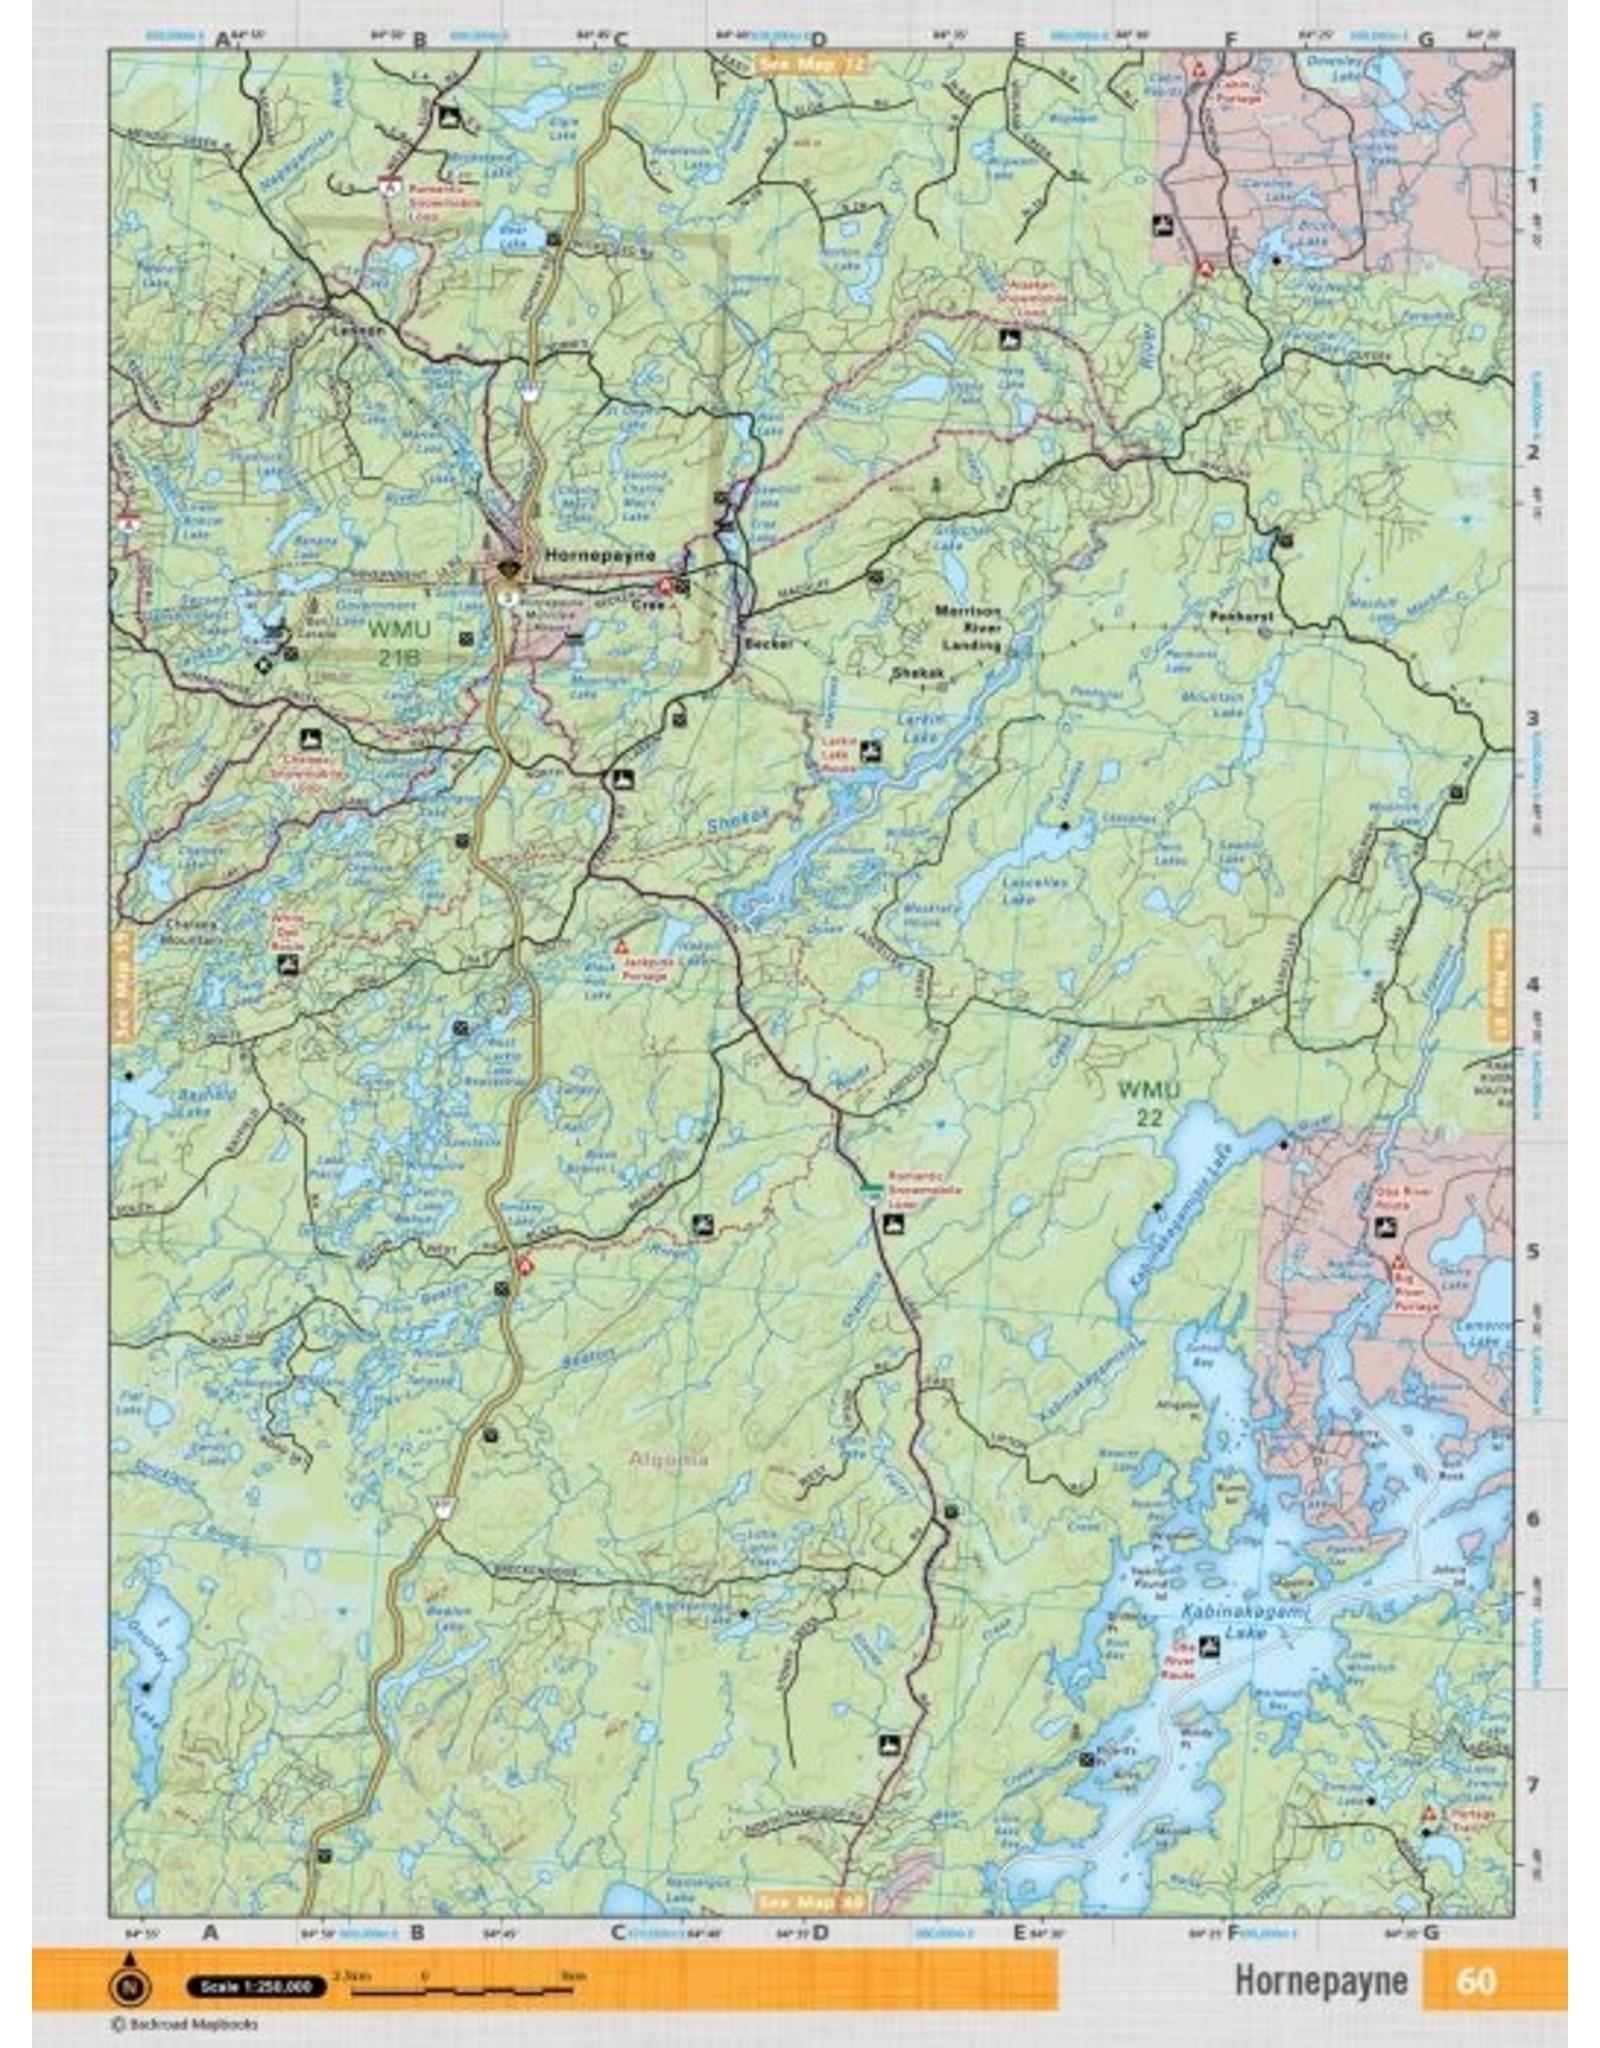 Backroad Mapbooks Backroads Mapbooks ON TOPO MAP WATERPROOF MAP NEON-60 Hornepayne